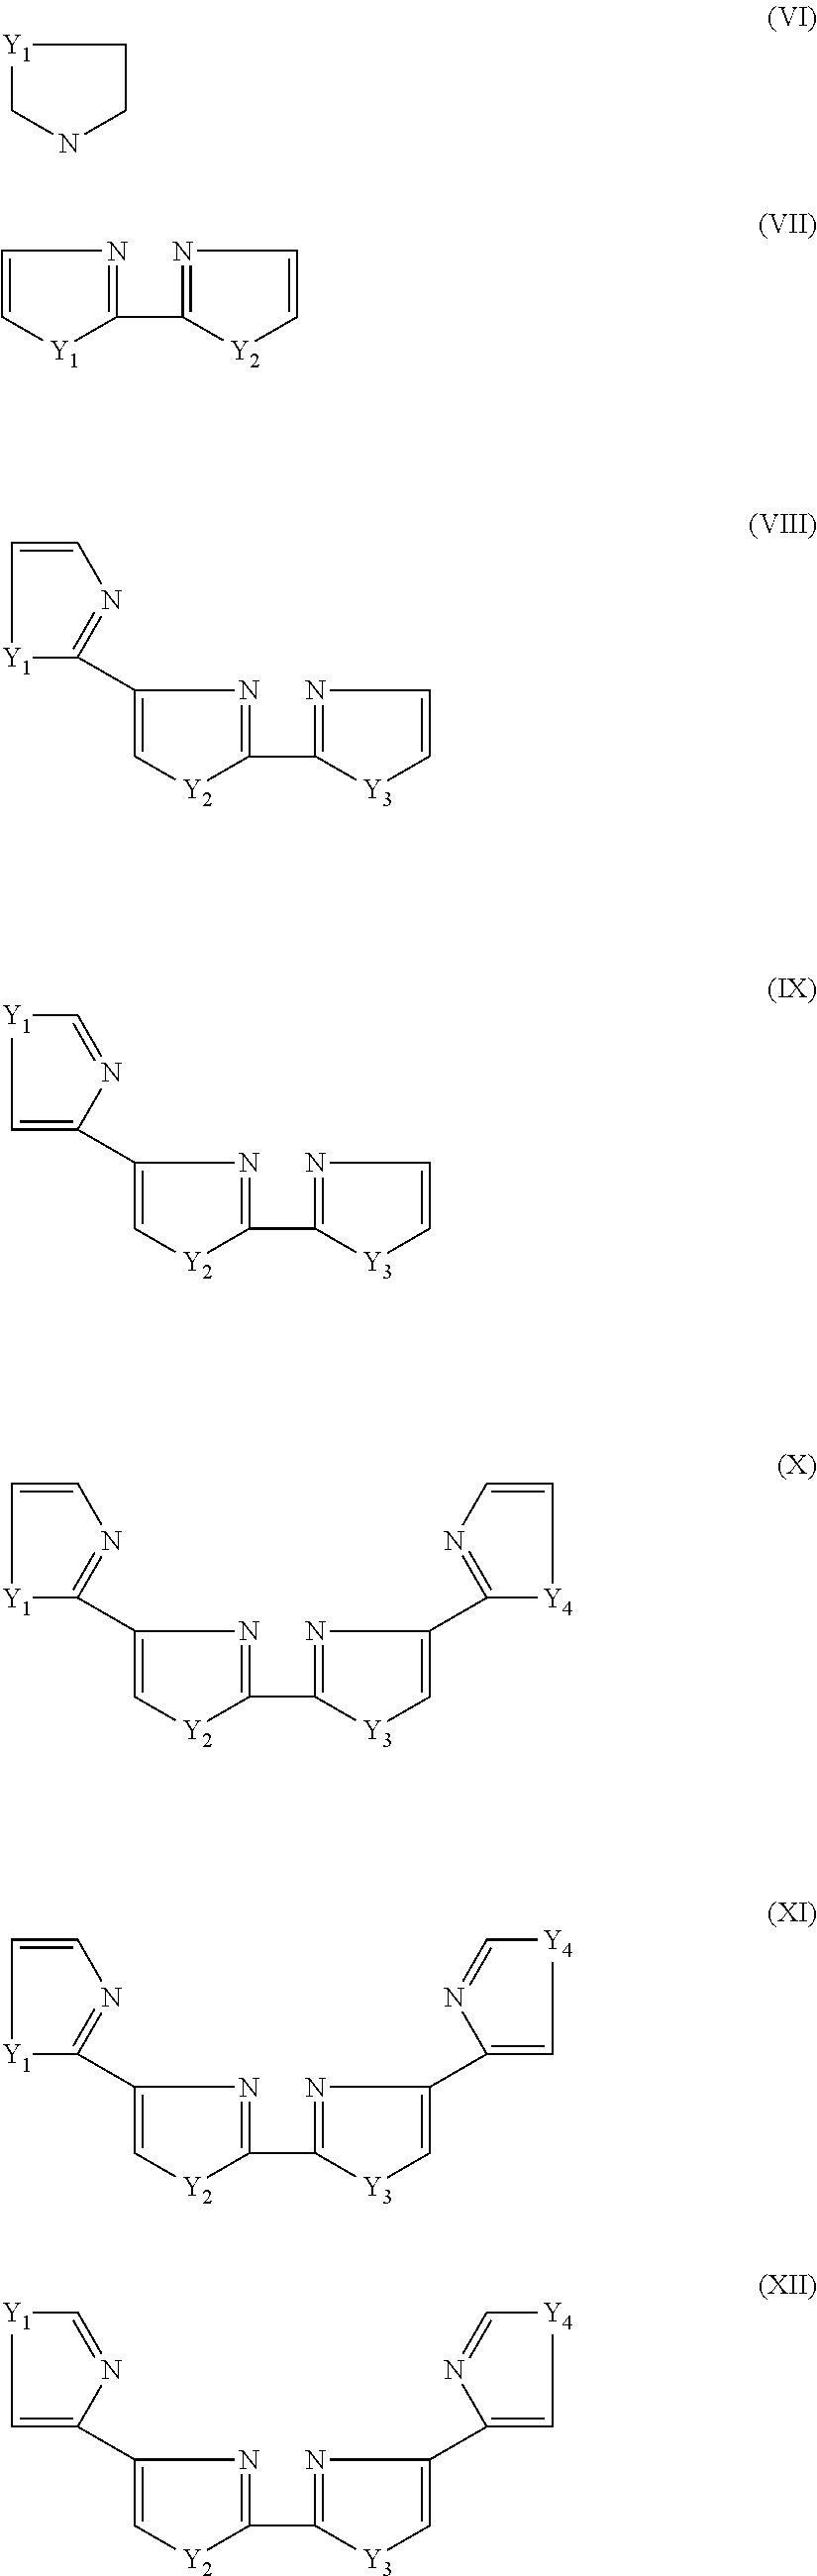 Figure US20100012525A1-20100121-C00005